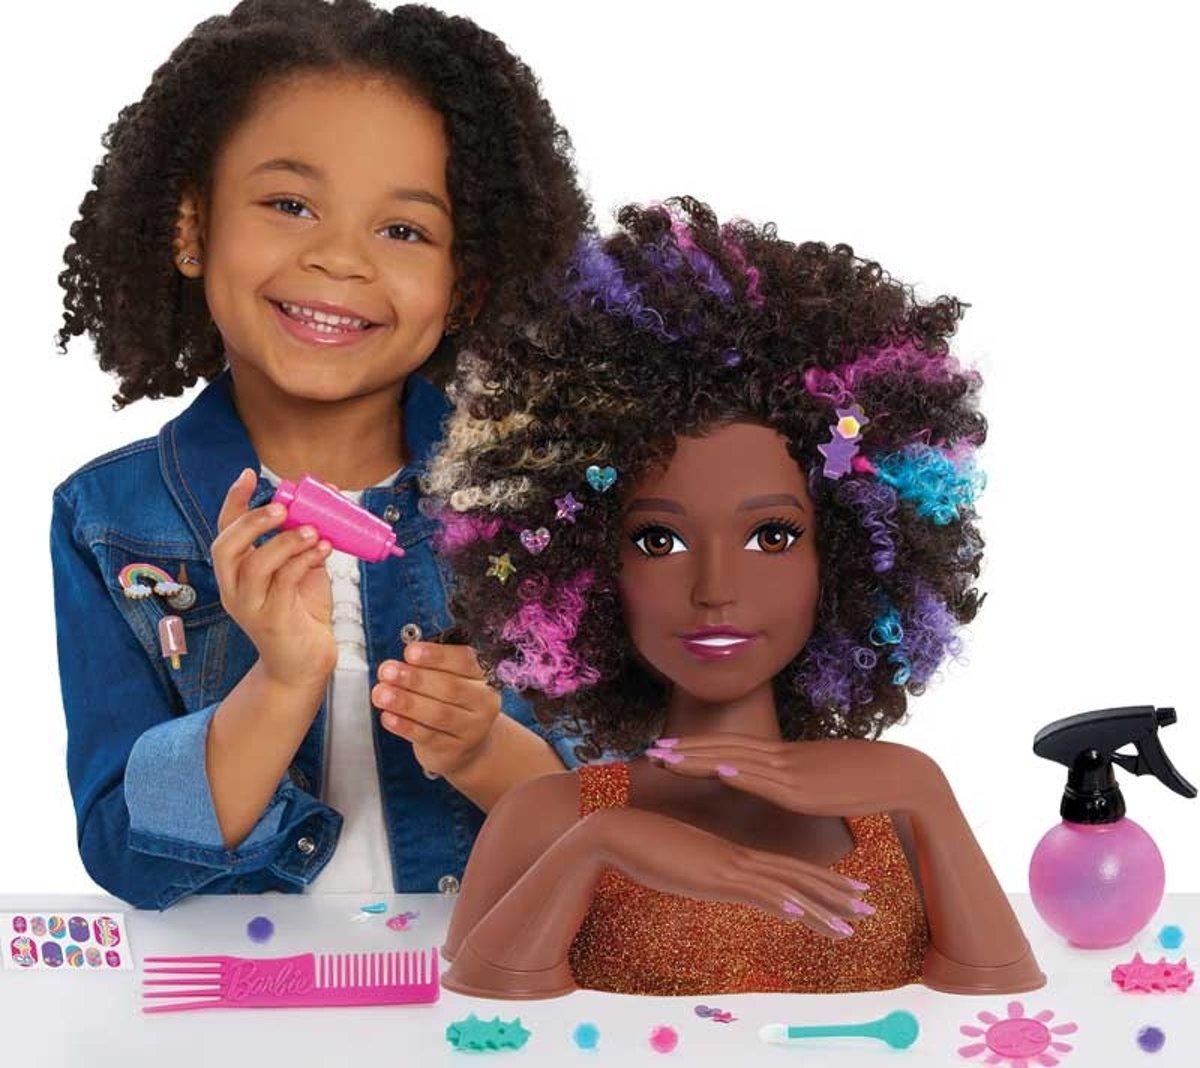 Barbie kaphoofd - Uitgebreide set voor zowel het haar als nagels